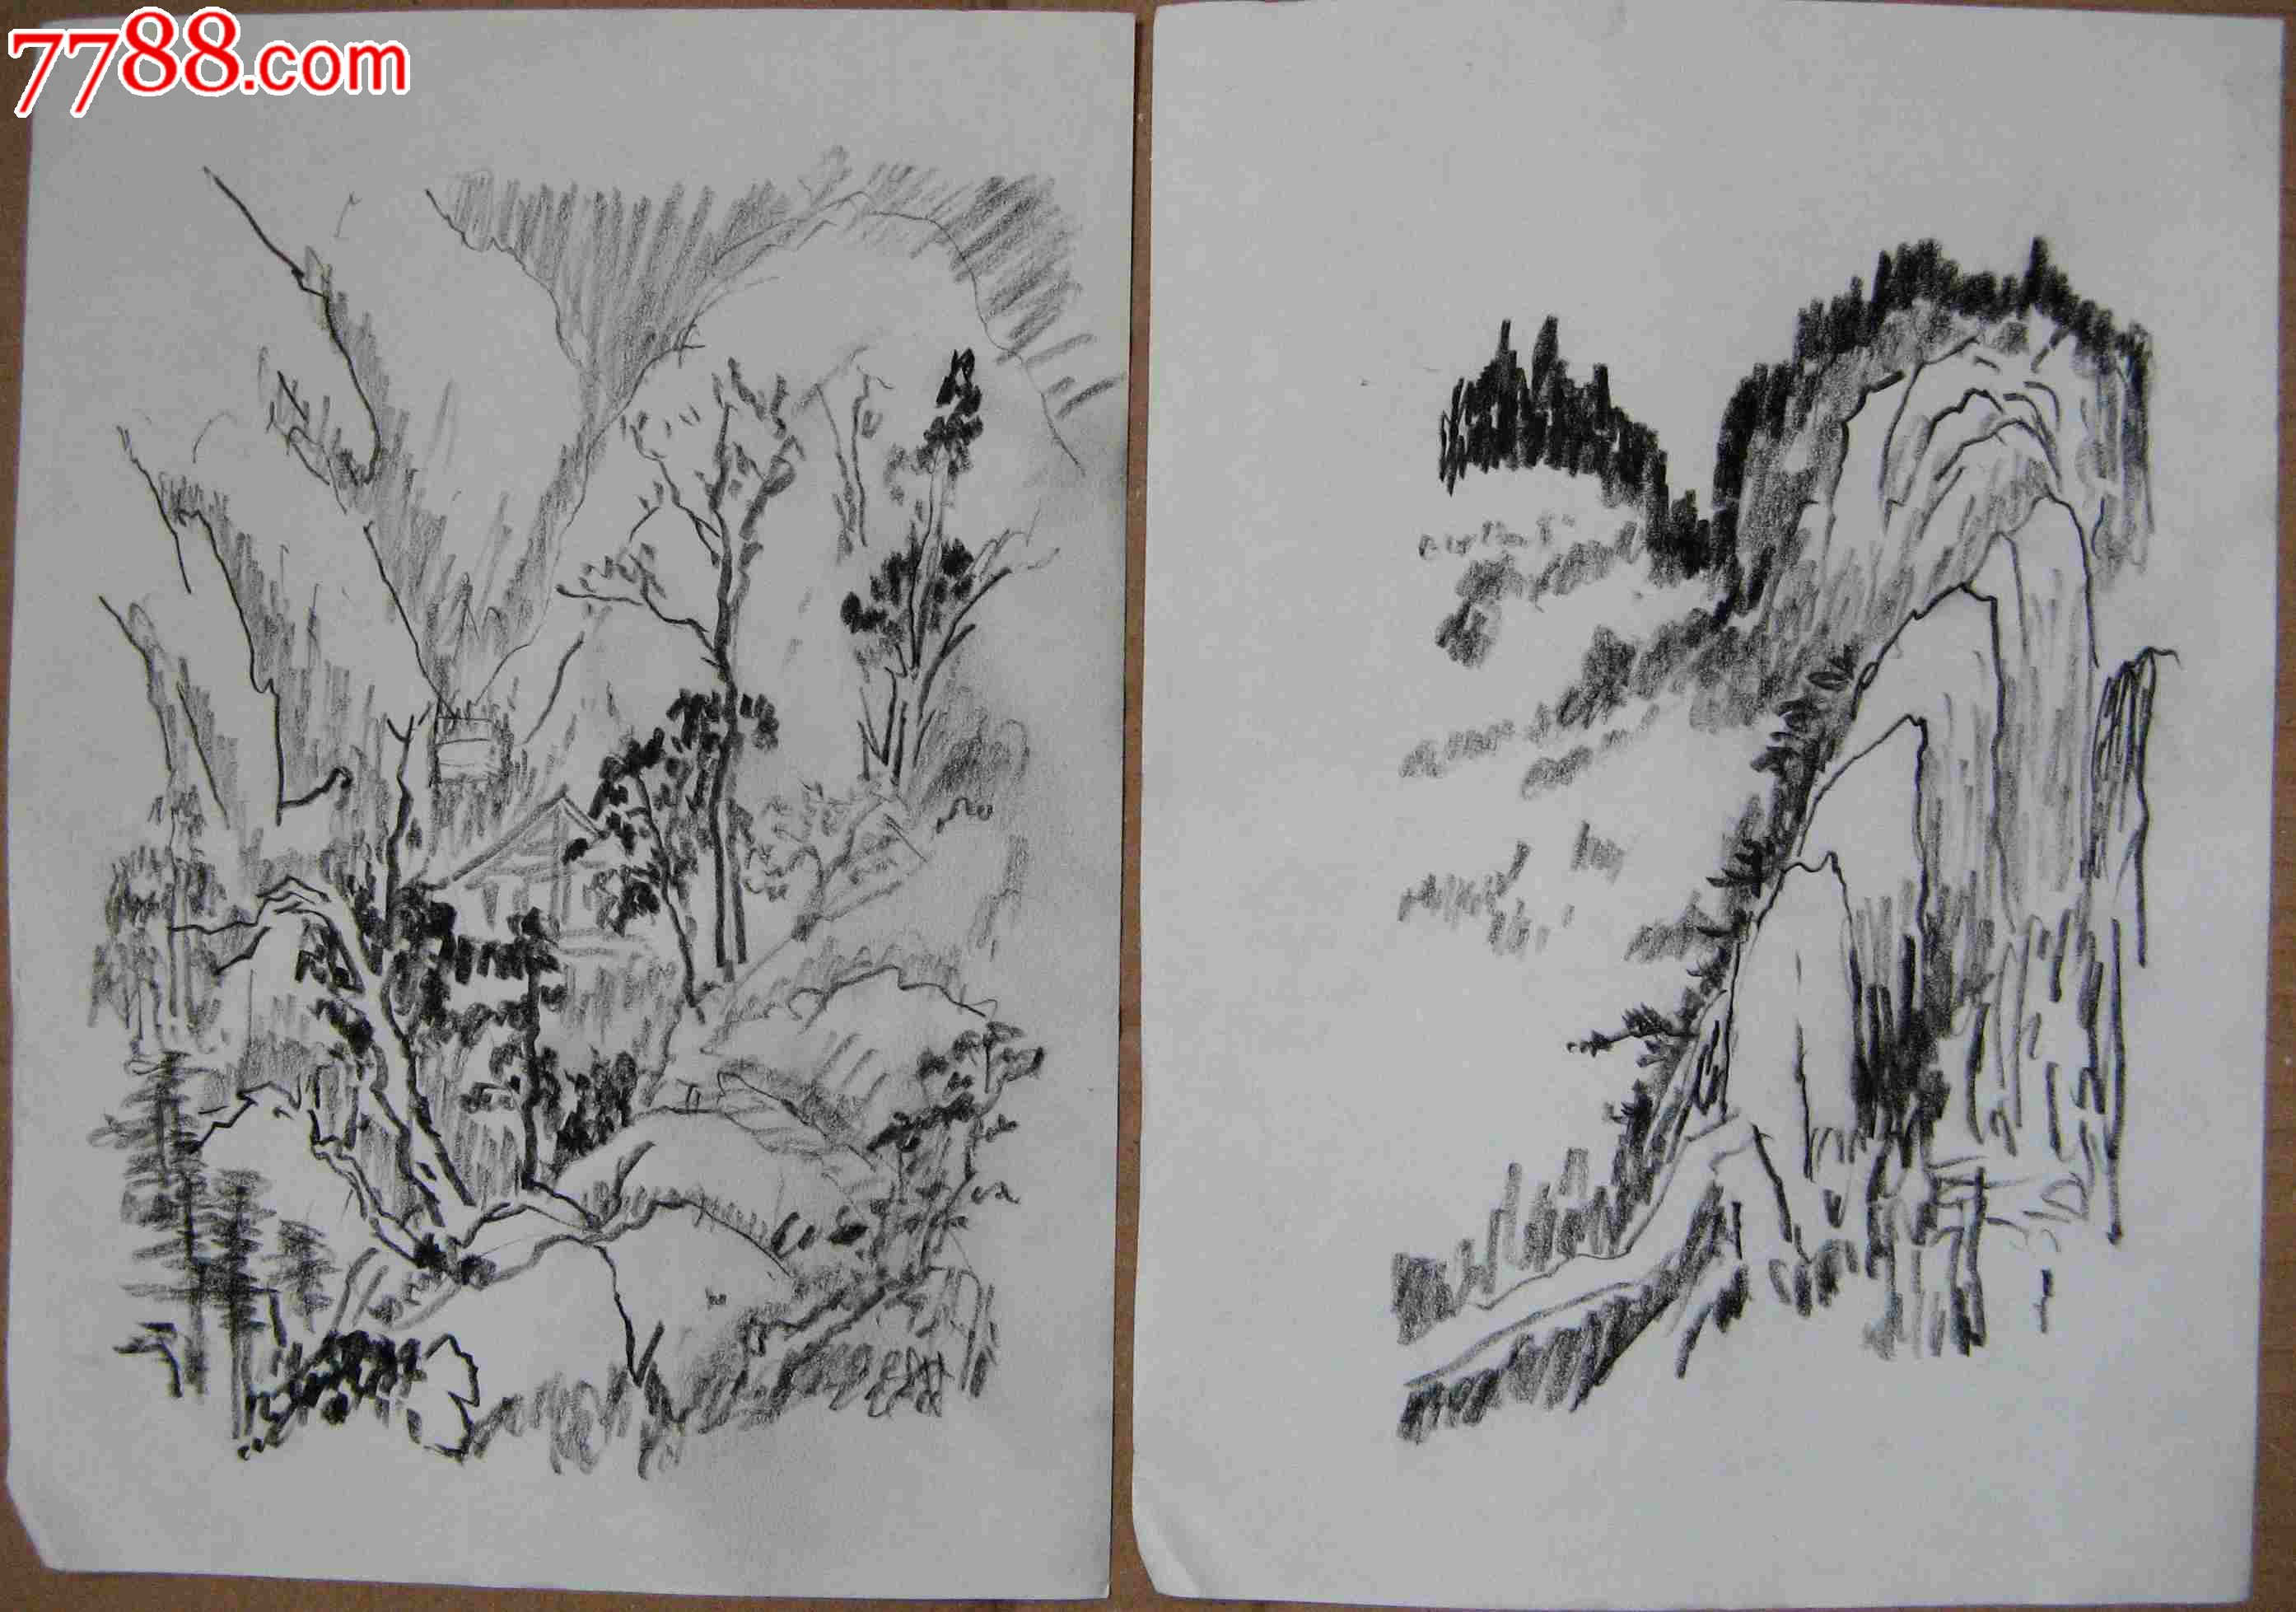 简单素描山水风景画图片大全;